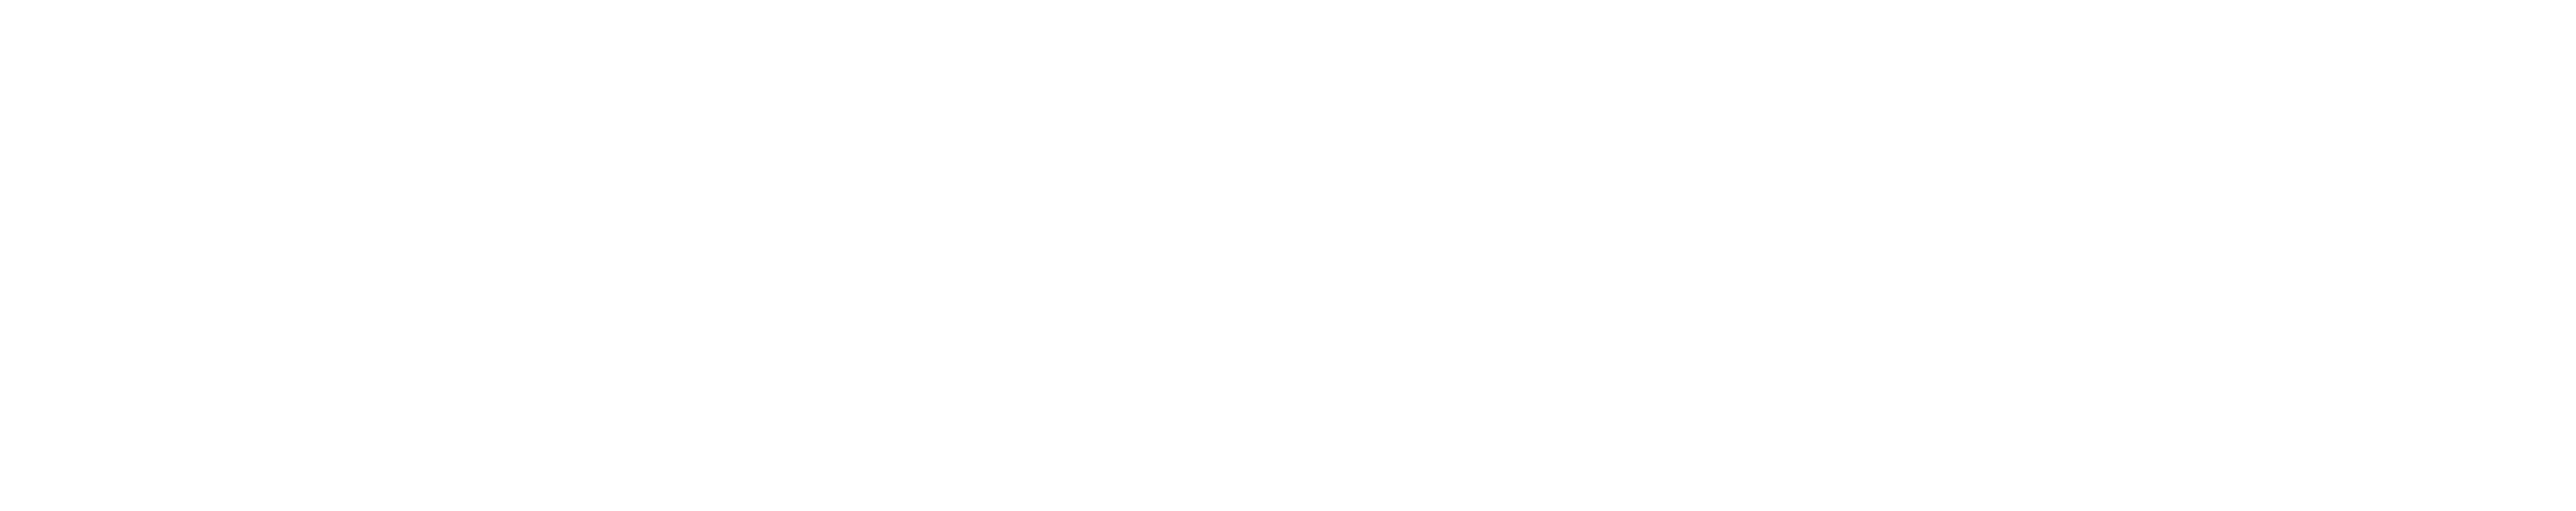 Oak Tree Business Systems